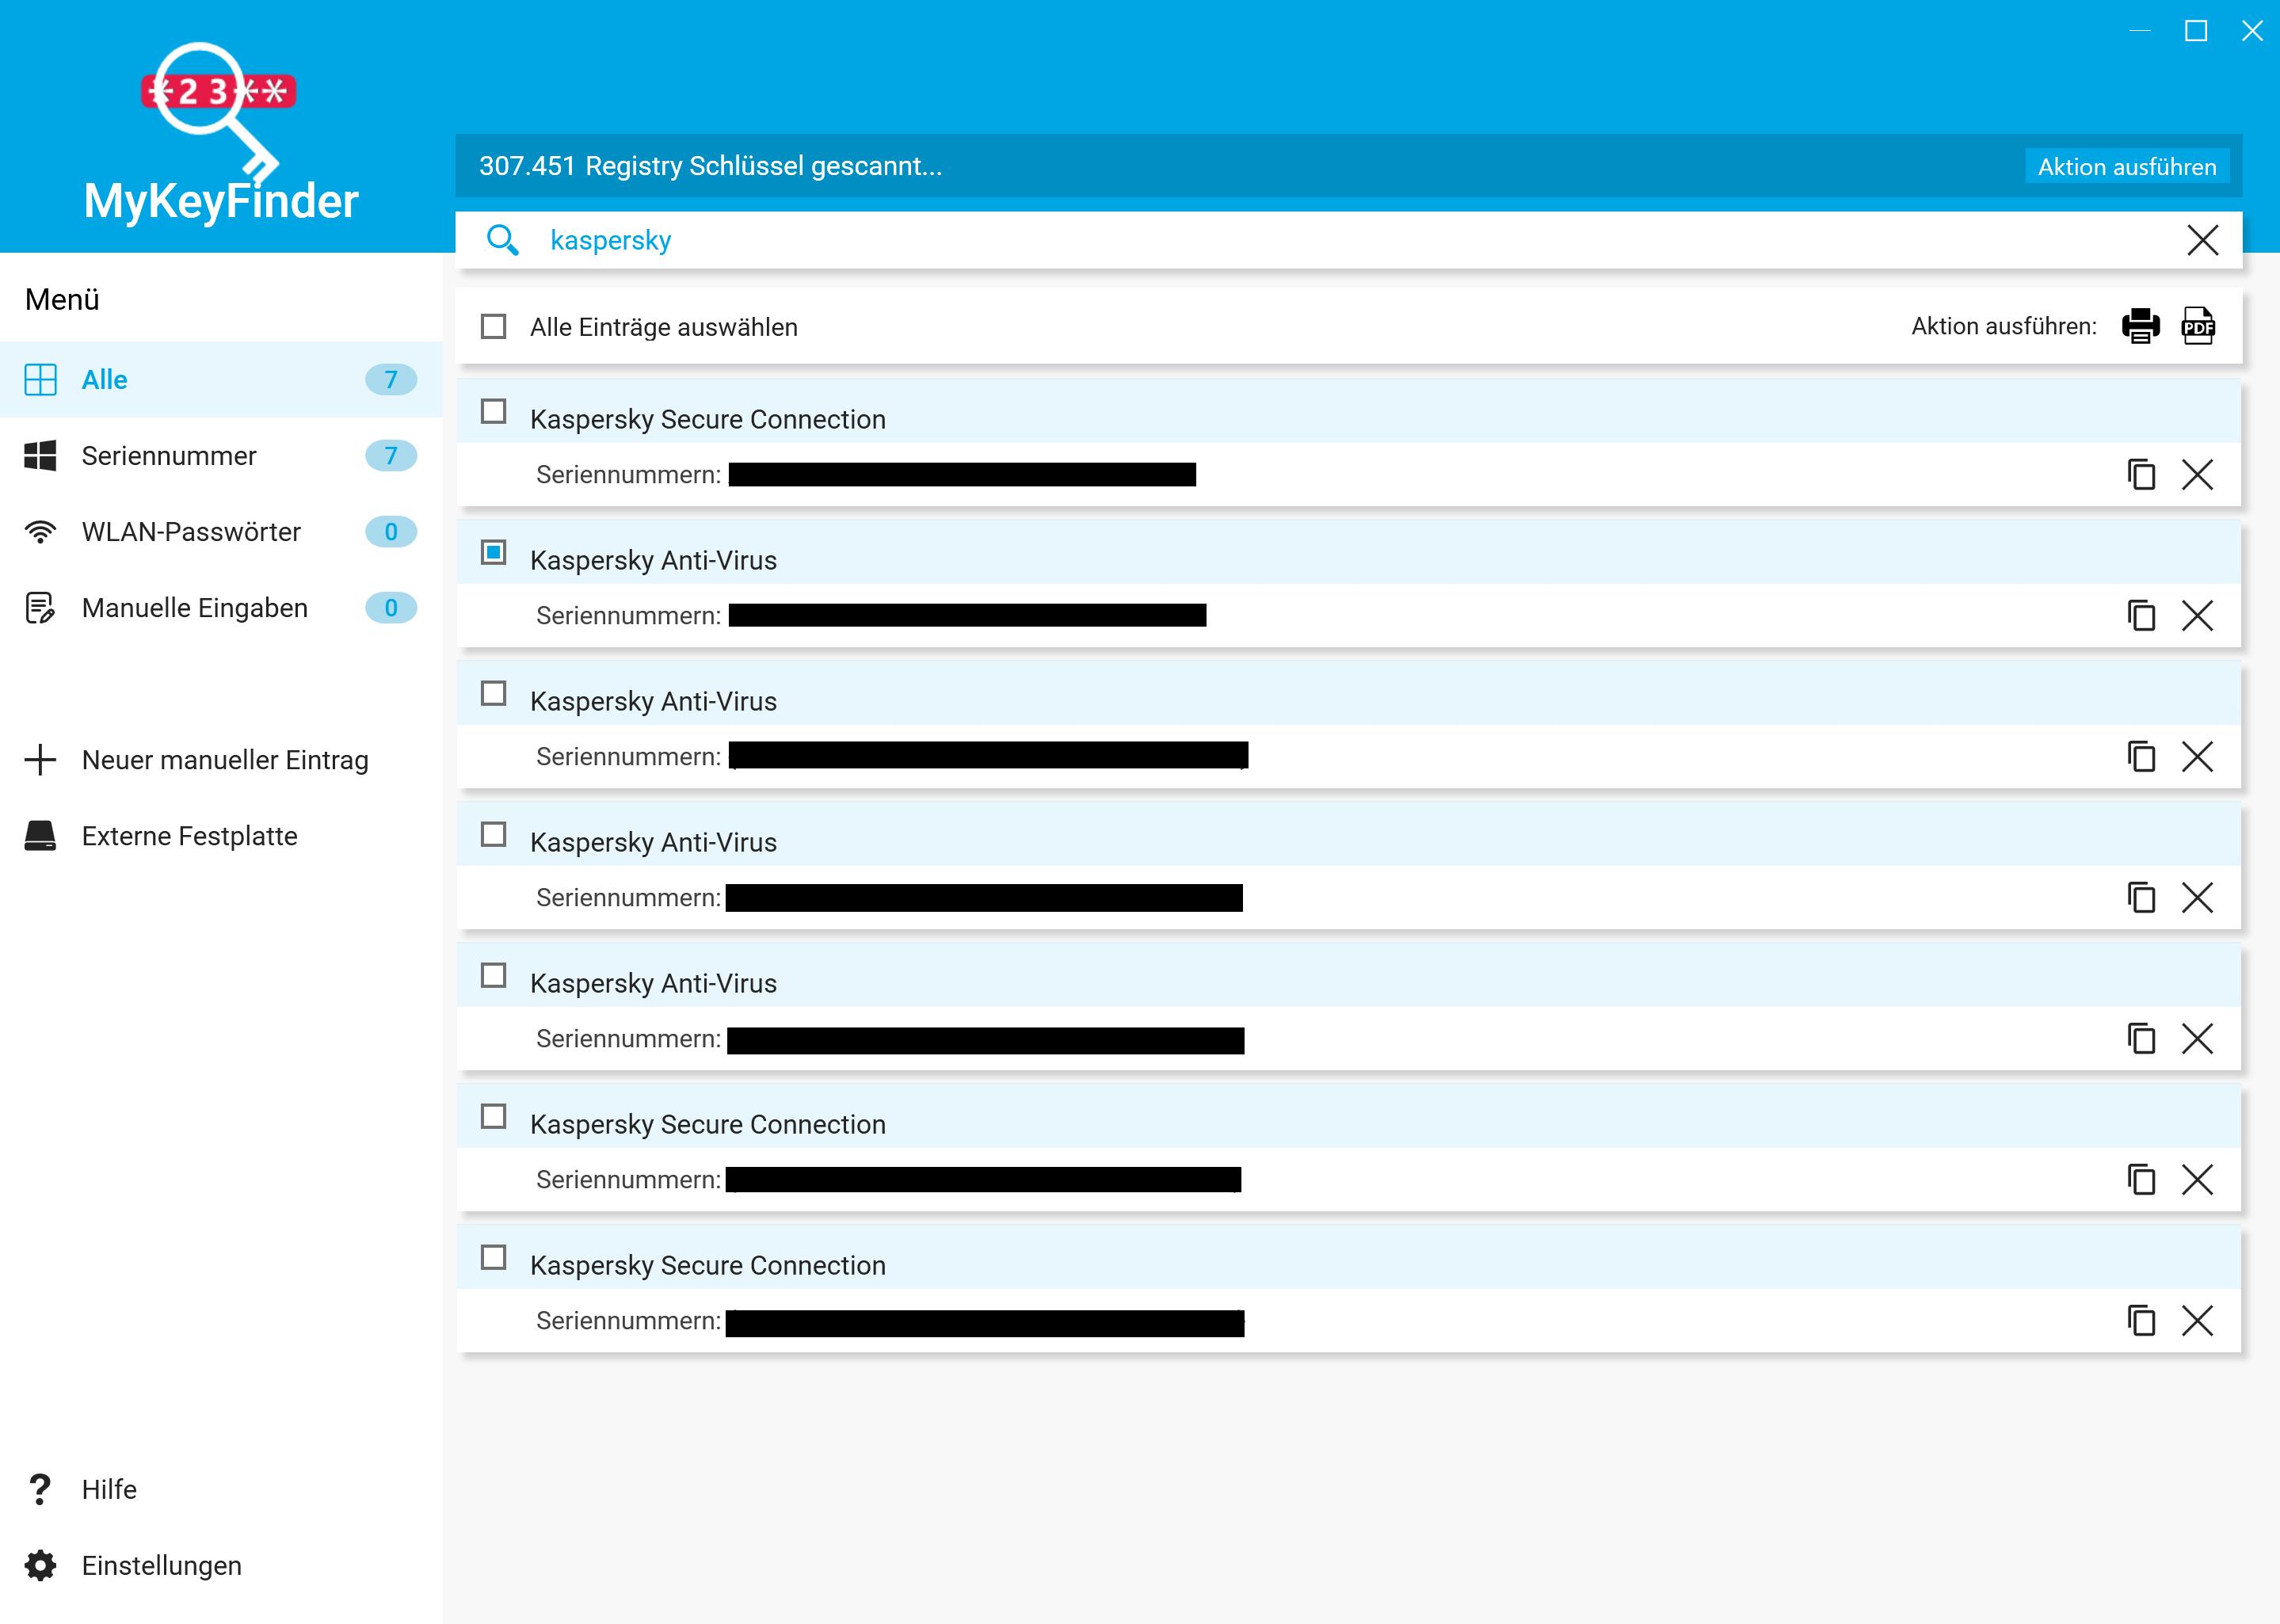 Kaspersky Lizenzschlüssel auslesen - Lizenzschlüssel auswählen